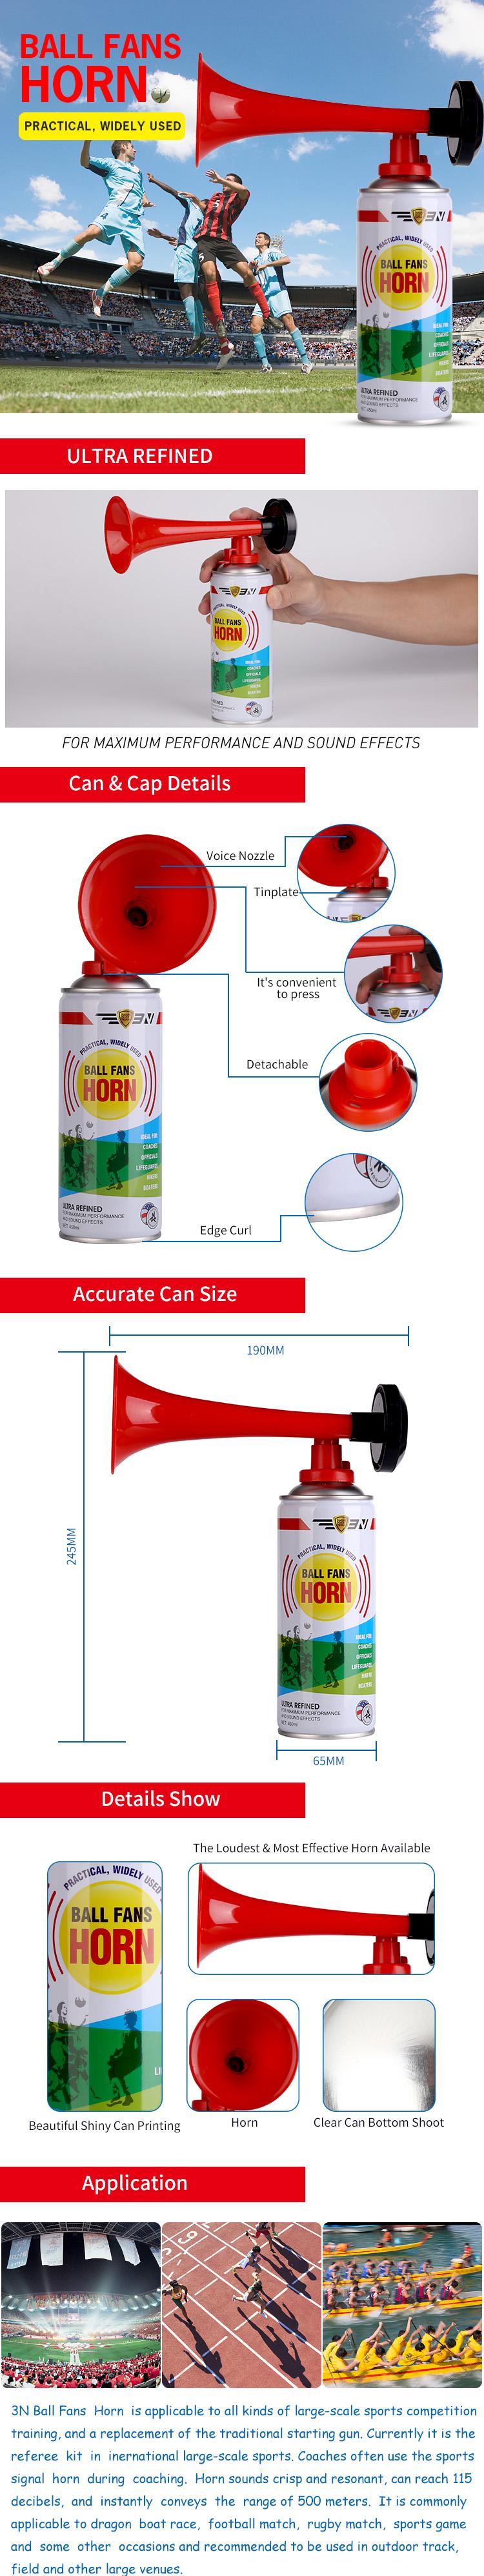 Tragbares Druckluft-Horn für Jubel, kleines Gas-Luft-Horn für Geburtstagsfeier, Camping, Spiele, Sport und besondere Anlässe